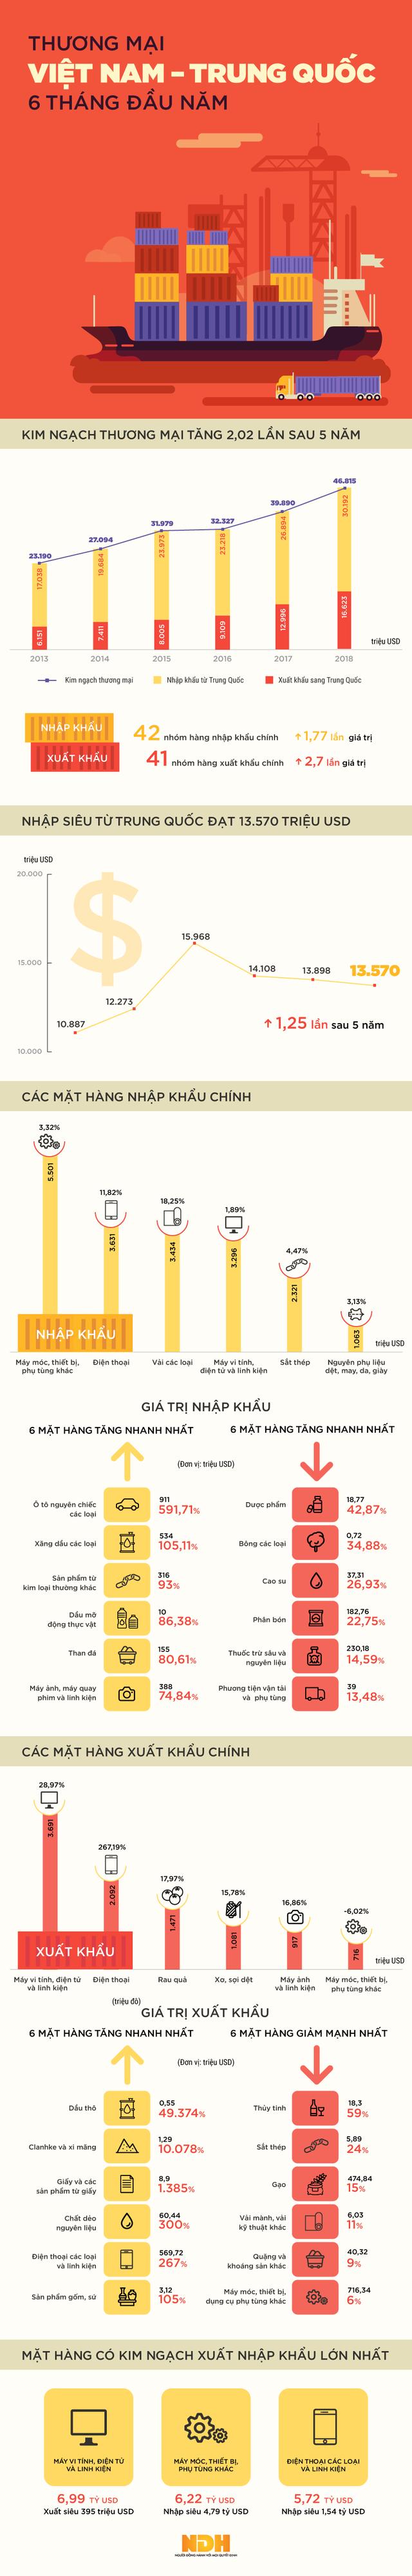 Infographic: Kim ngạch thương mại Việt Nam - Trung Quốc vượt 2 tỷ USD sau nửa năm - Ảnh 1.